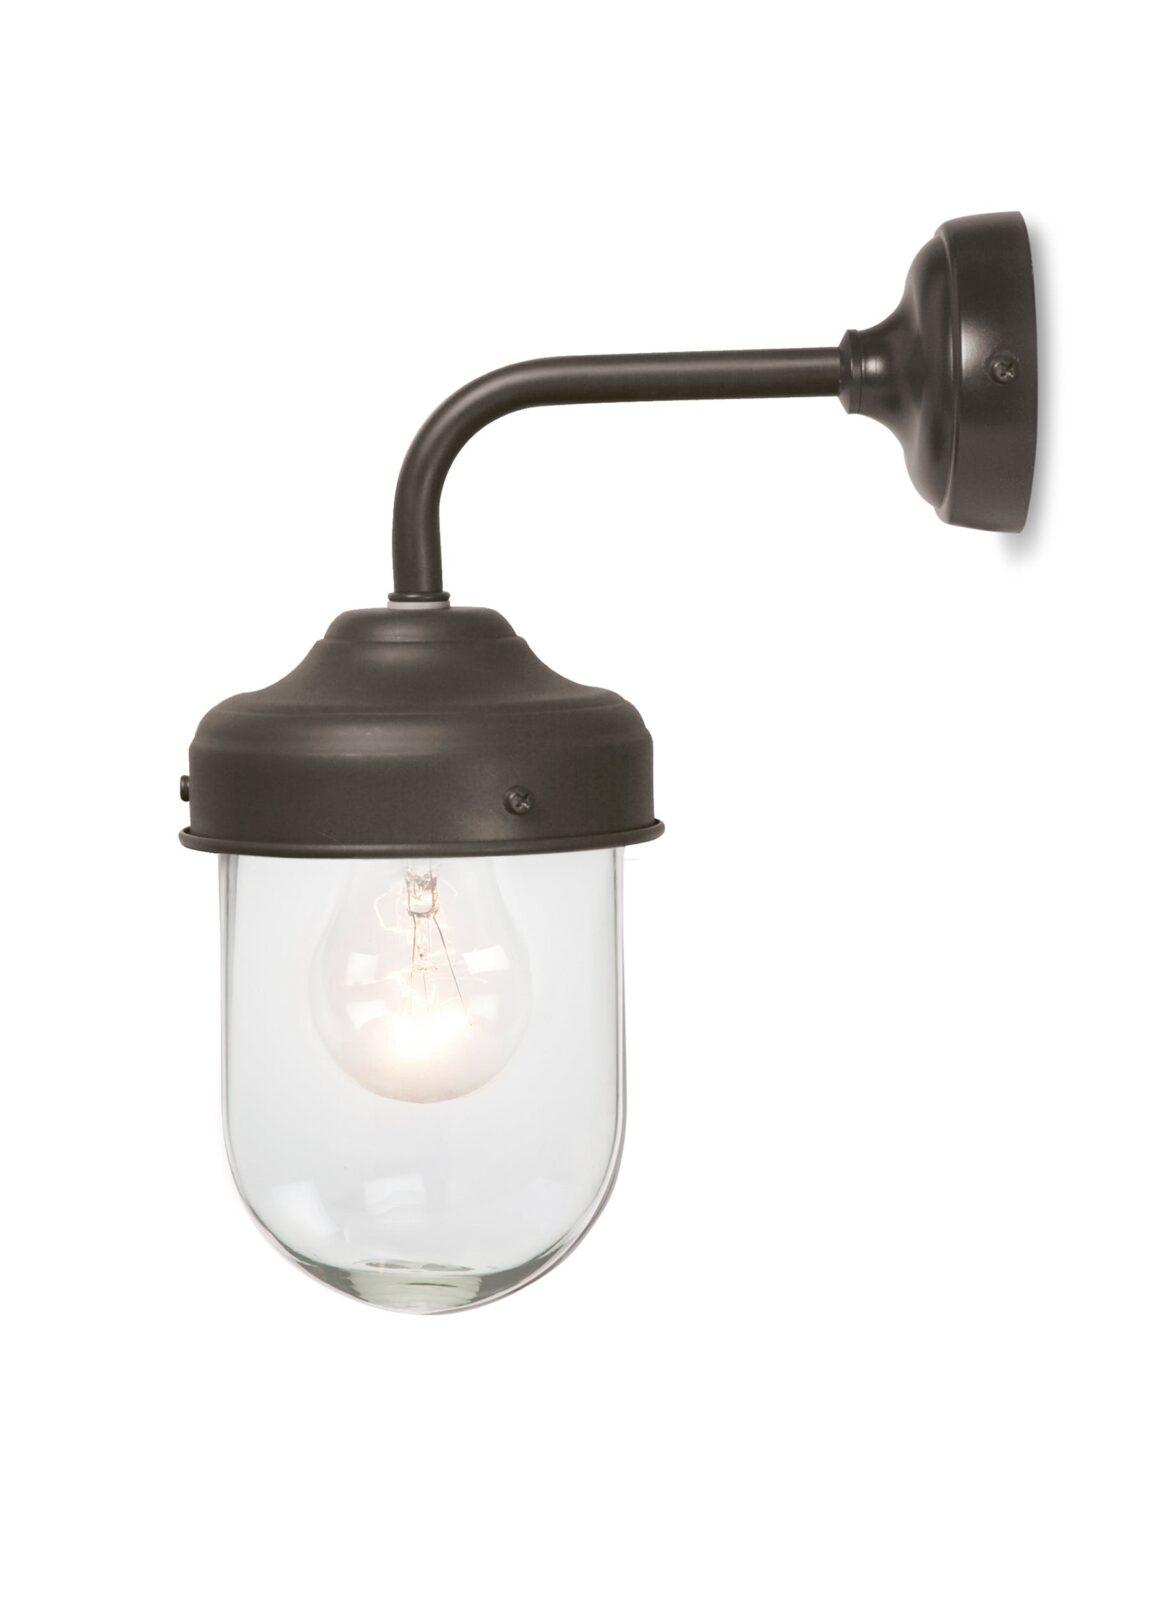 Barn Light in Coffee Bean - Steel